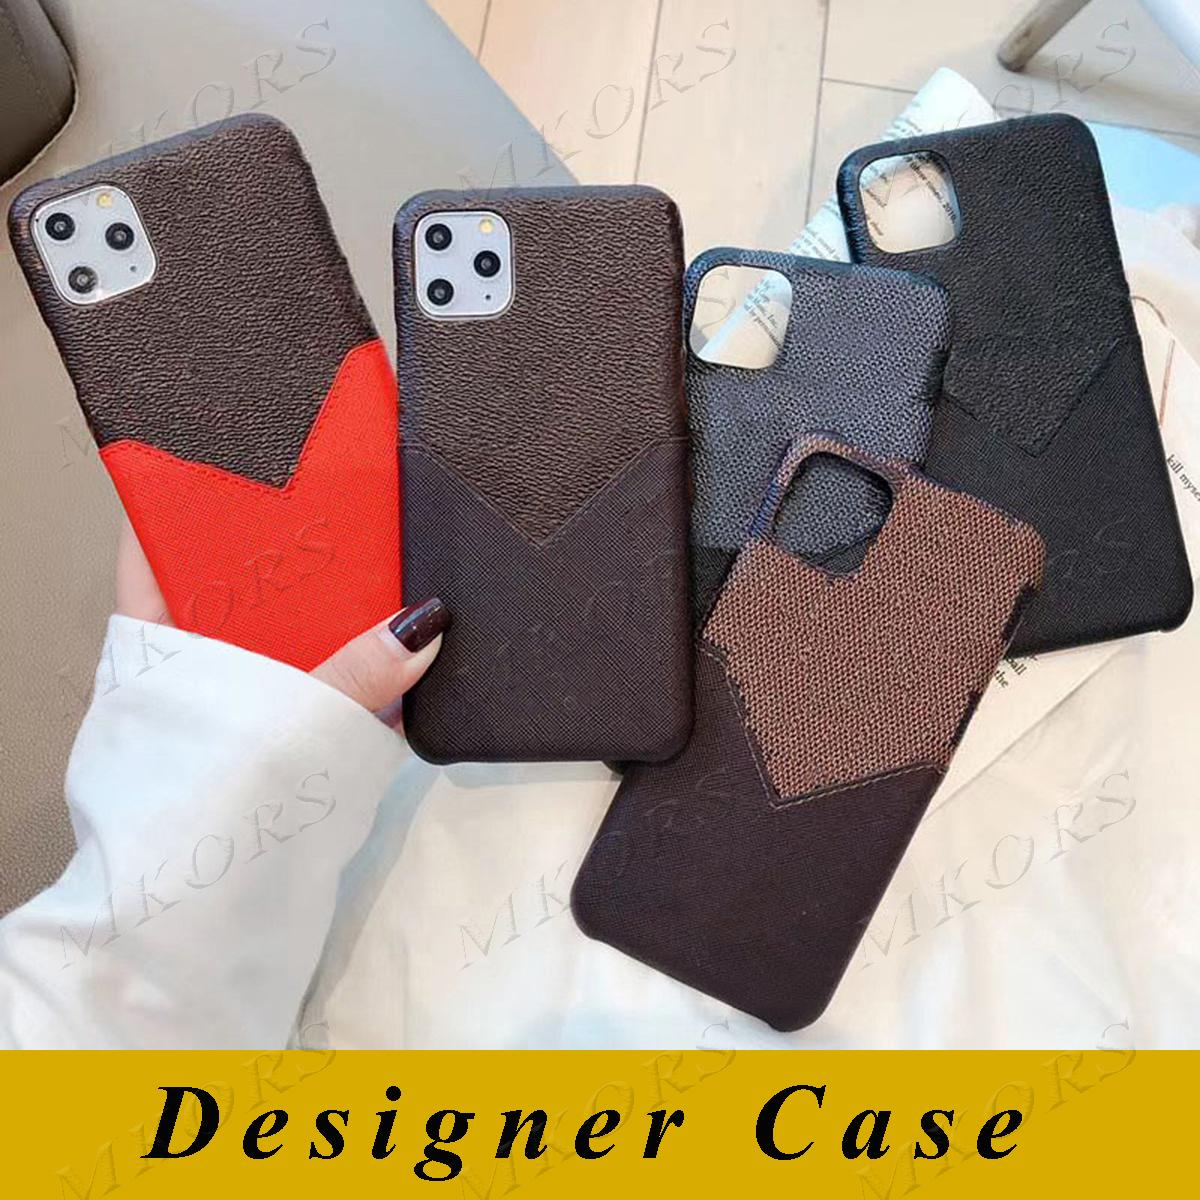 L تصميم حالة الهاتف لآيفون 12 ميني 12PRO 11 11PRO X XS MAX XR 8 8Plus 7 7Plus بو الجلود الحالات مصمم قذيفة مع فتحة بطاقة حامل